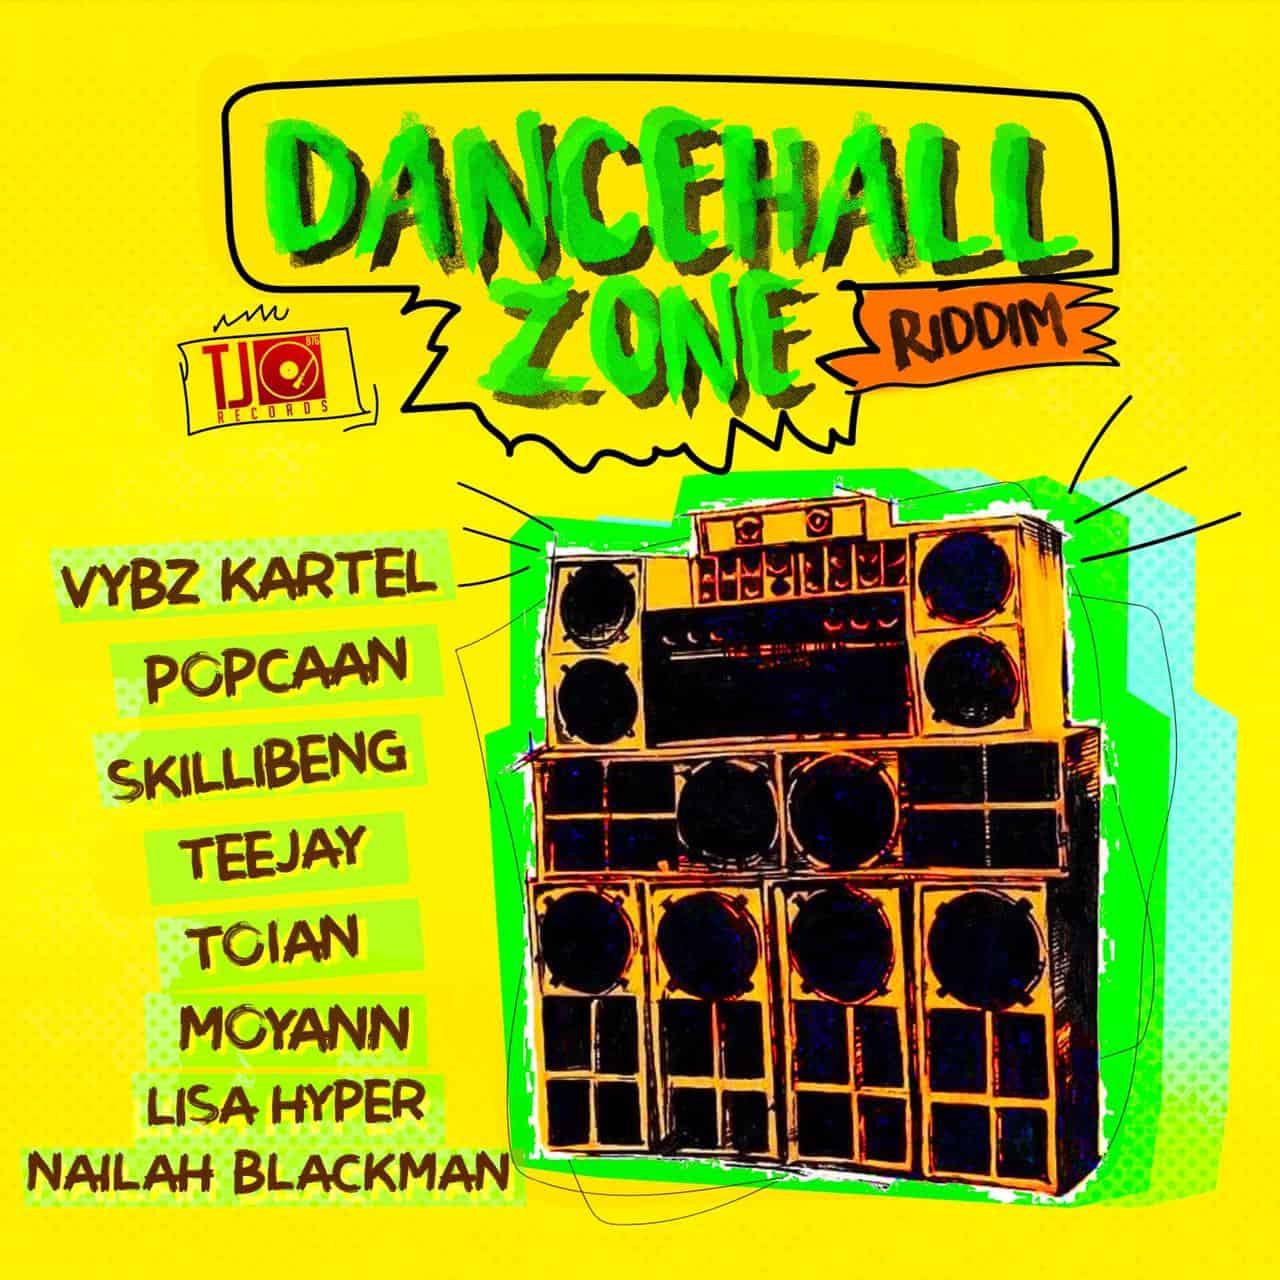 Dancehall Zone Riddim - TJ Records